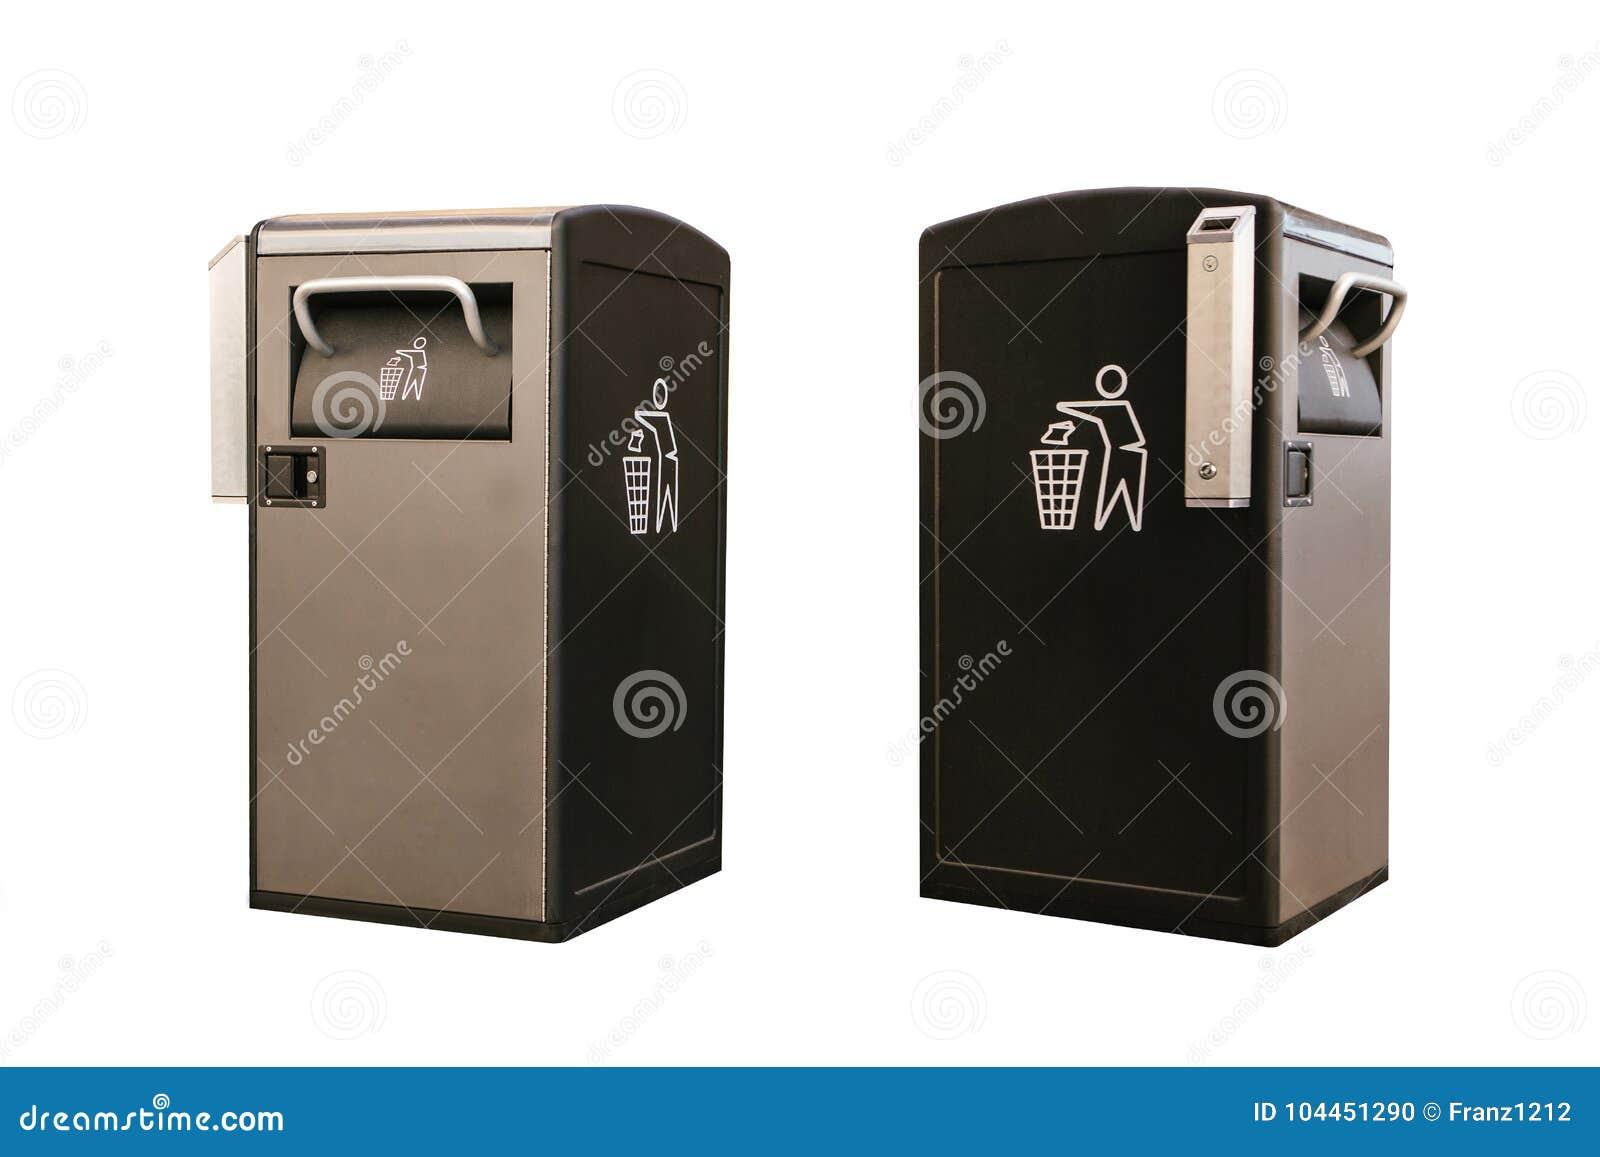 Conjunto Objetos en diversas posiciones Compartimiento elegante moderno aislado en el fondo blanco Recogida de residuos